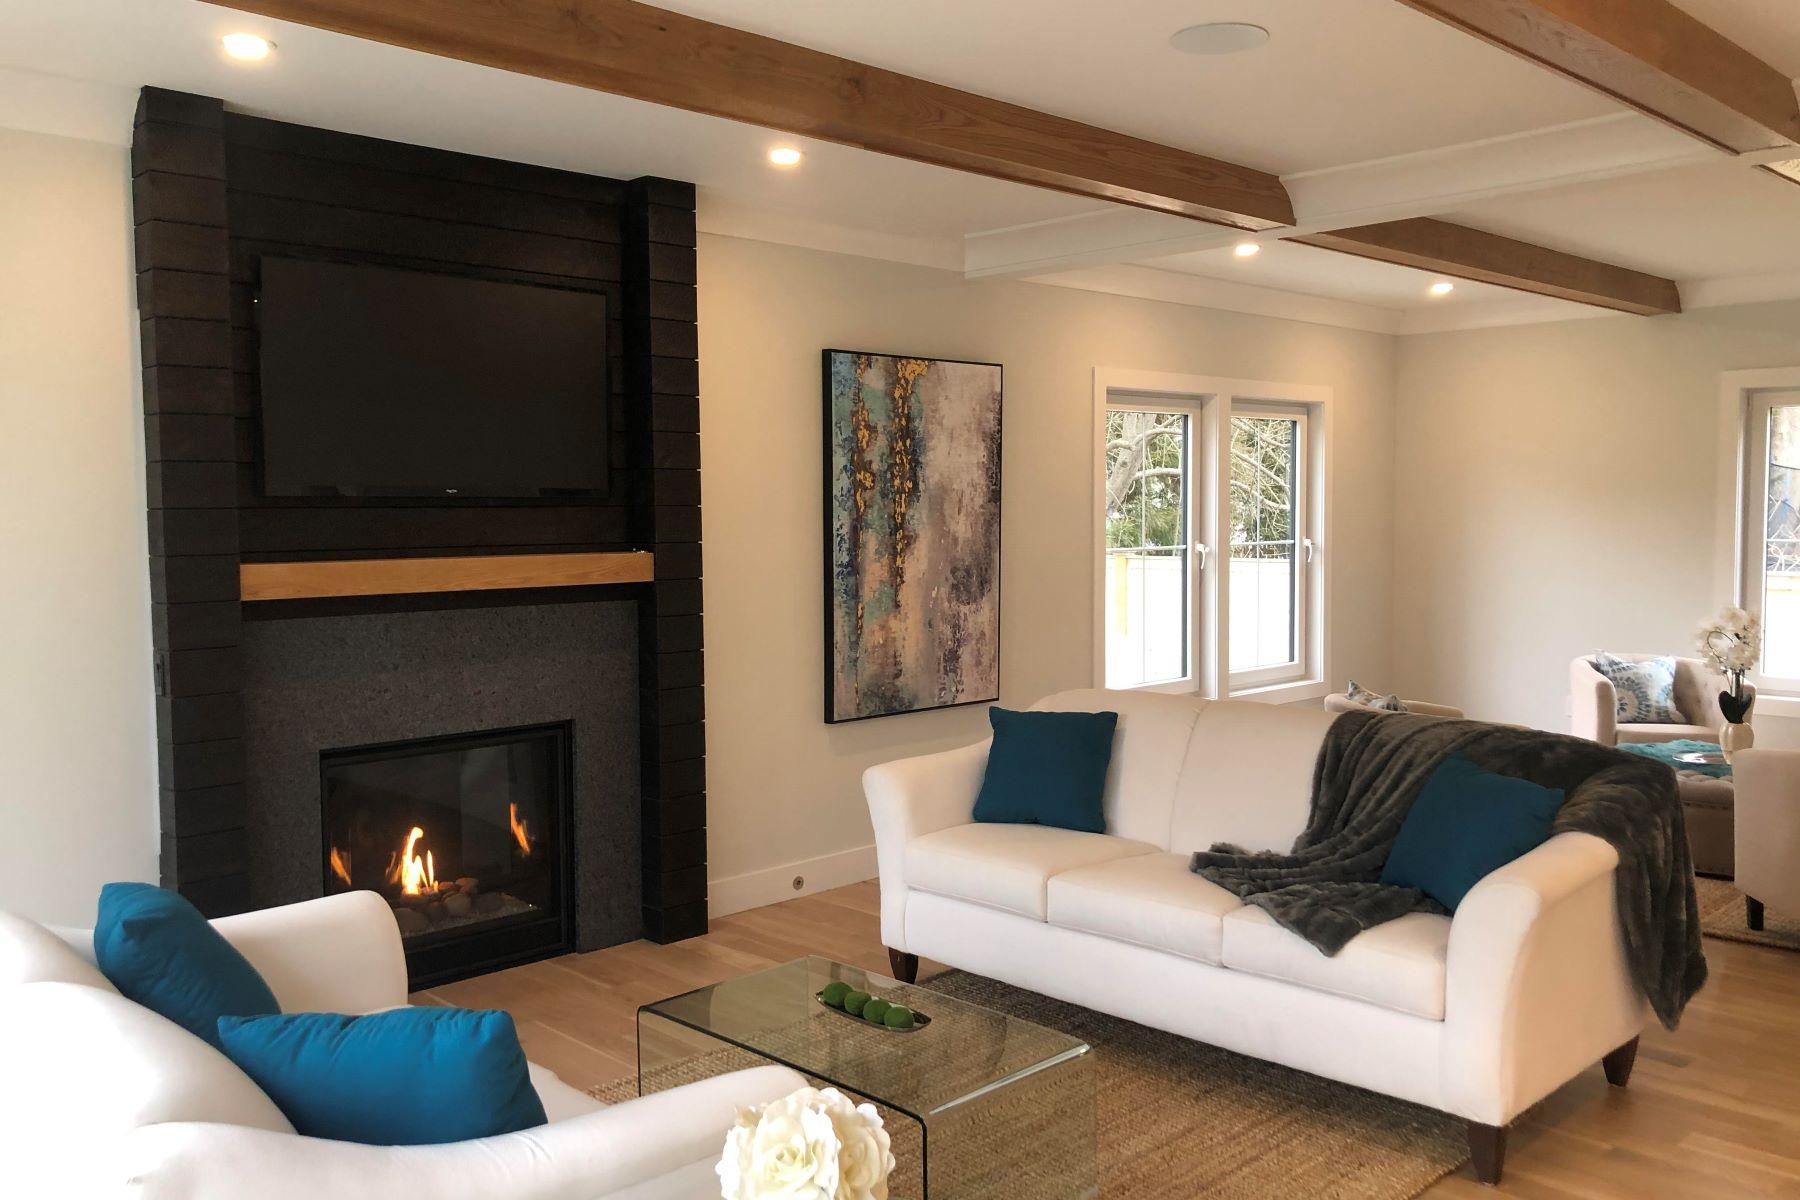 Single Family Homes για την Πώληση στο Modern Farm House 31 Melody Lane, Fairfield, Κονεκτικατ 06824 Ηνωμένες Πολιτείες